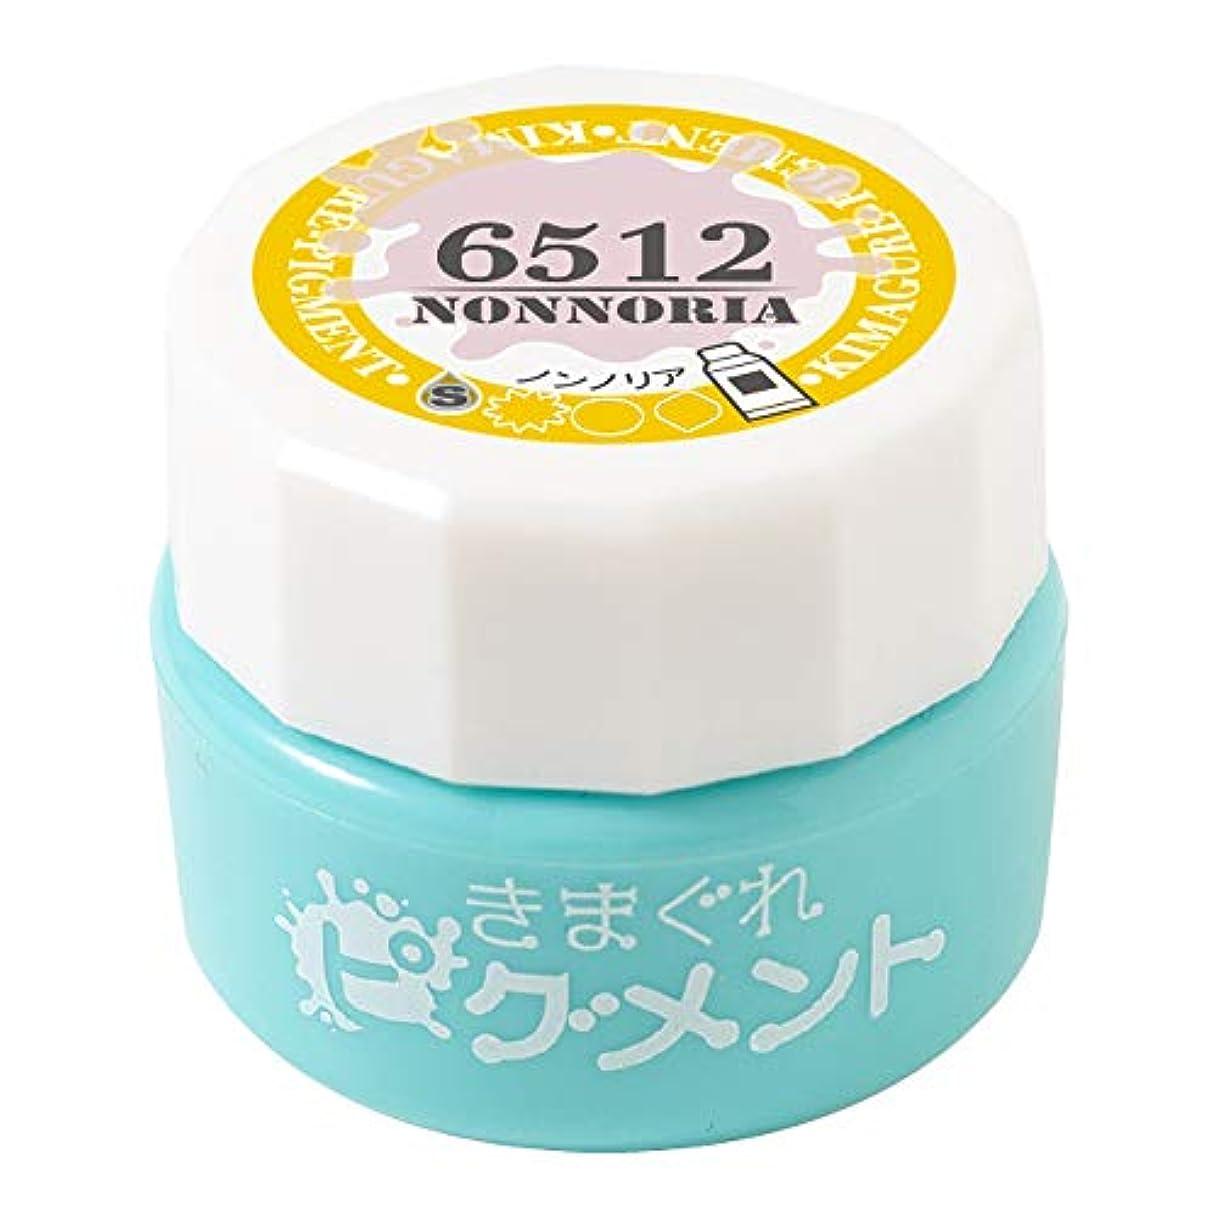 Bettygel きまぐれピグメント ノンノリア QYJ-6512 4g UV/LED対応